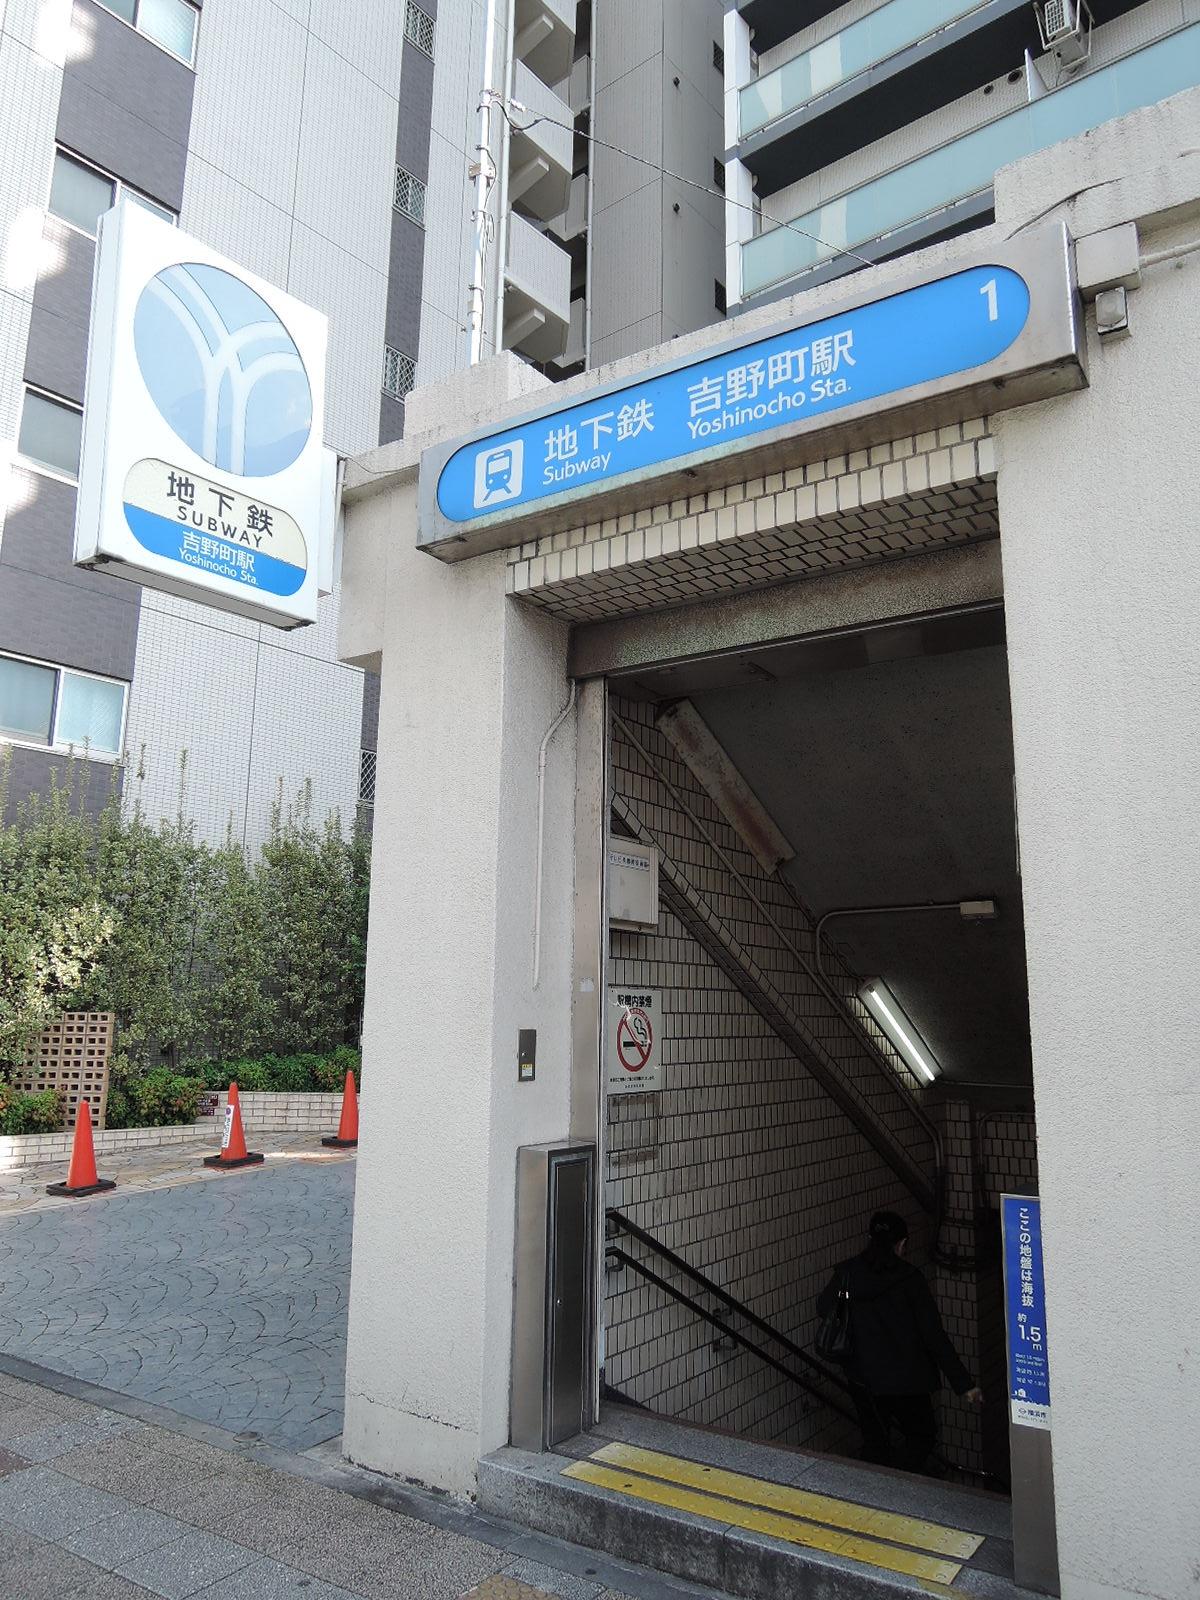 横浜市営地下鉄「吉野町」駅出口